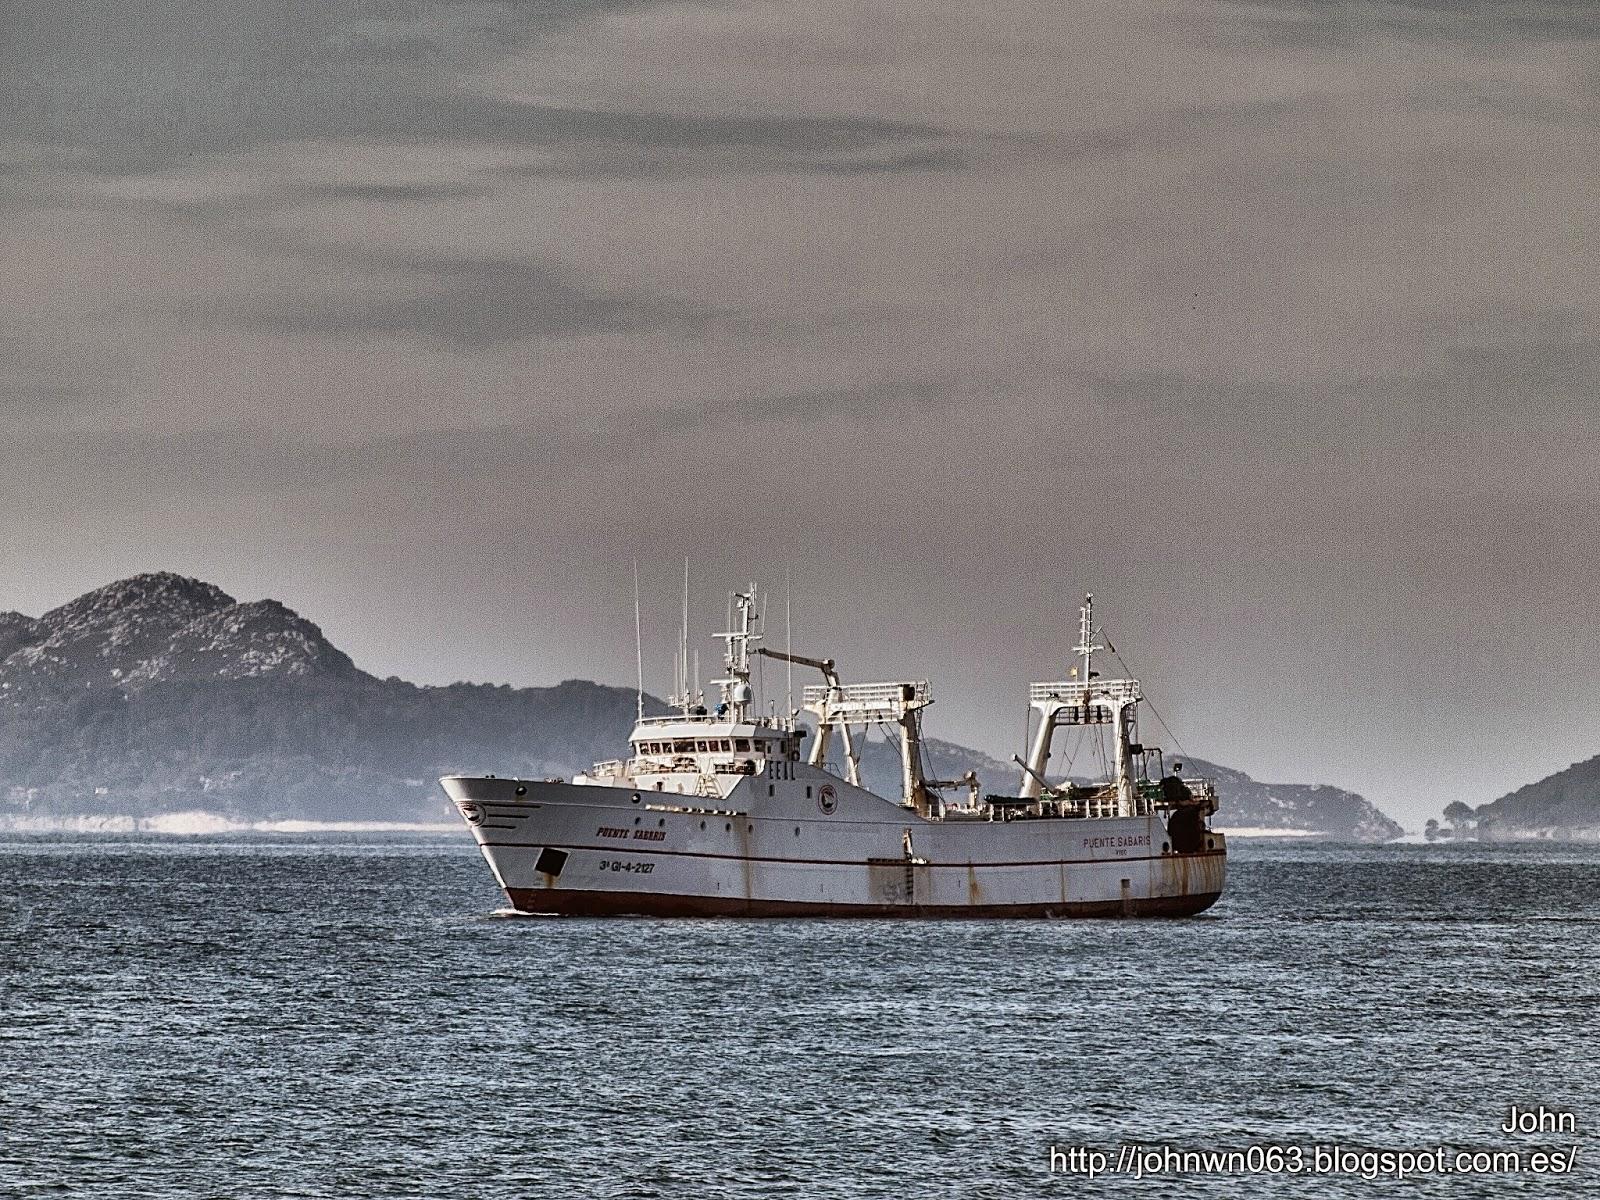 fotos de barcos, imagenes de barcos, puente sabaris, pereira, arrastrero, congelador, vigo